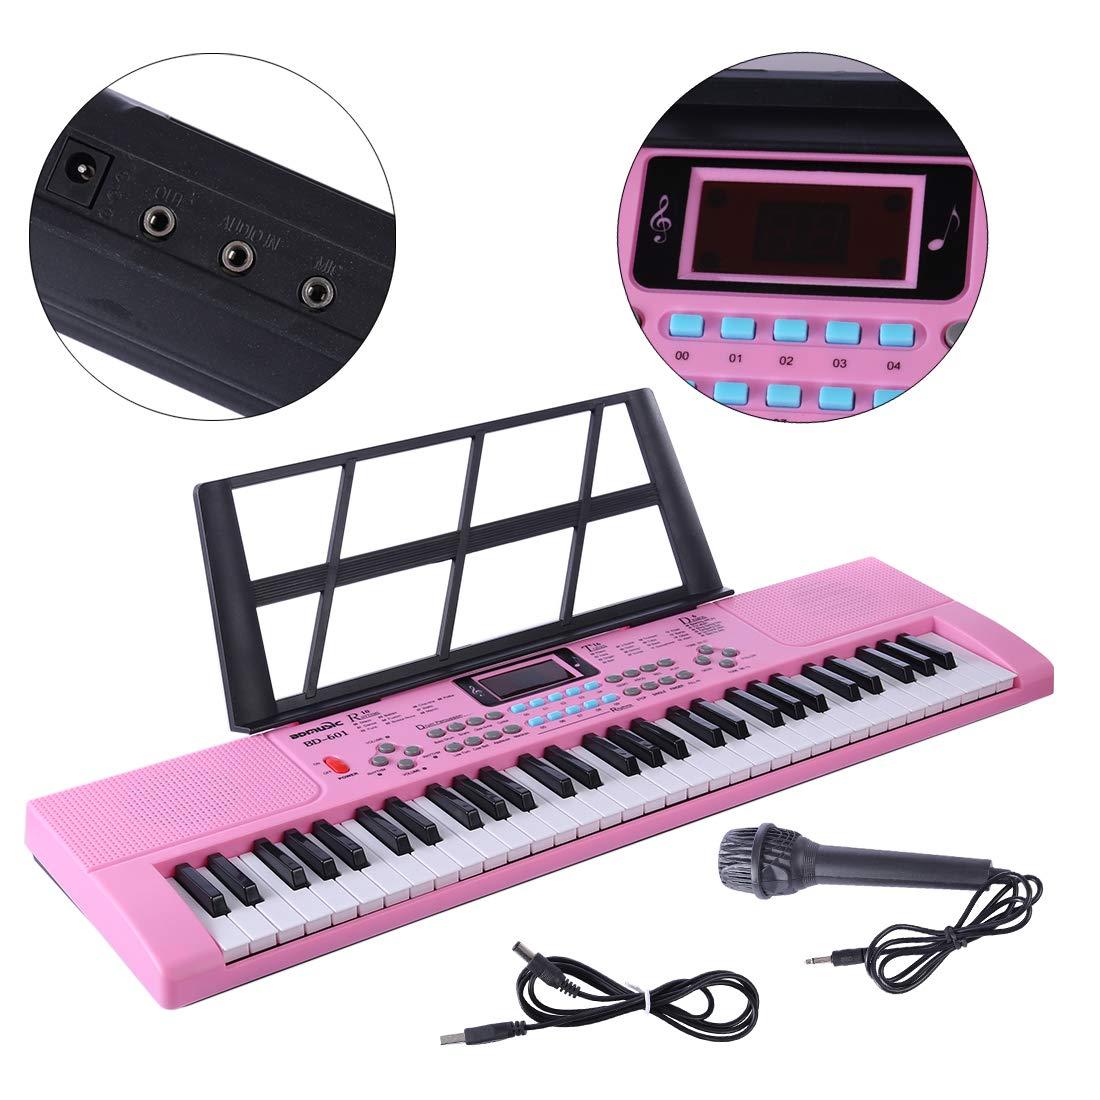 Tosbess Teclado Piano, Piano Digital 61 Teclas, Teclado Electronico Piano Multifuncional Órgano Eléctrico para Niños con Micrófono para Niños Pequeños y ...